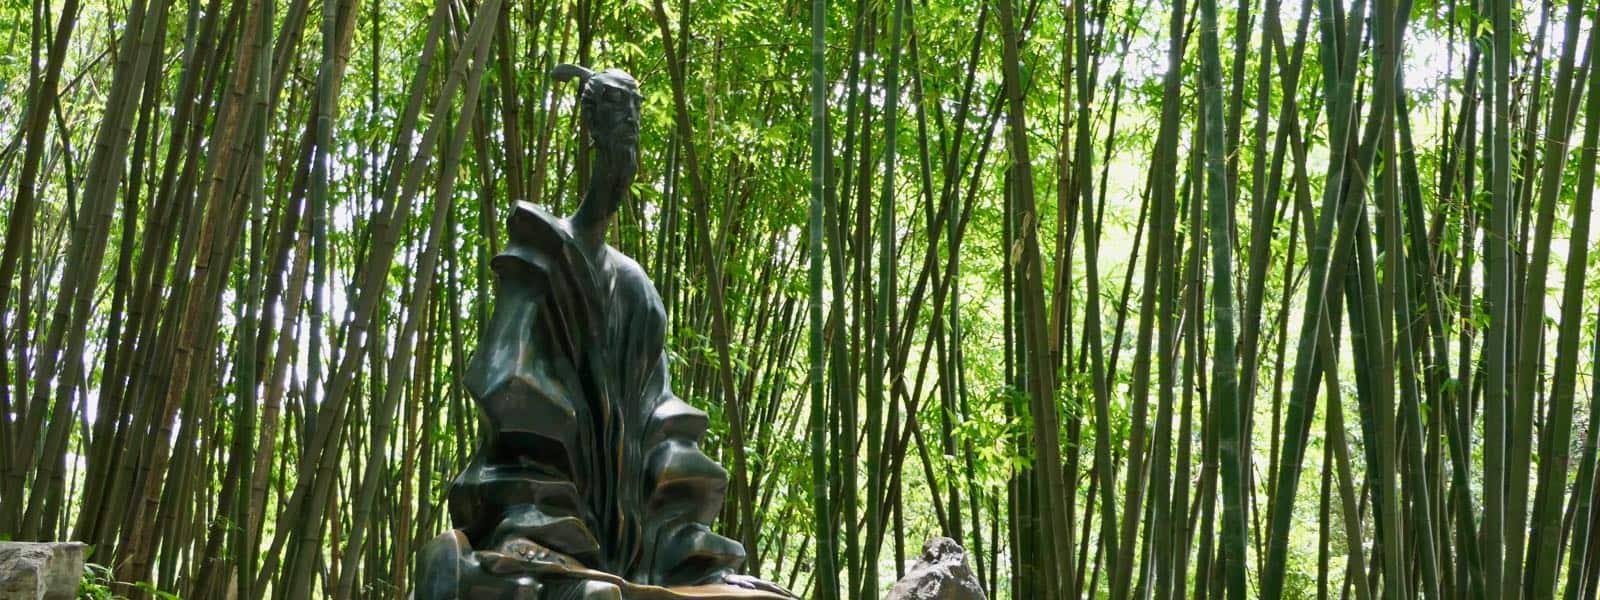 Chengdu Bamboo Chine betternotstop